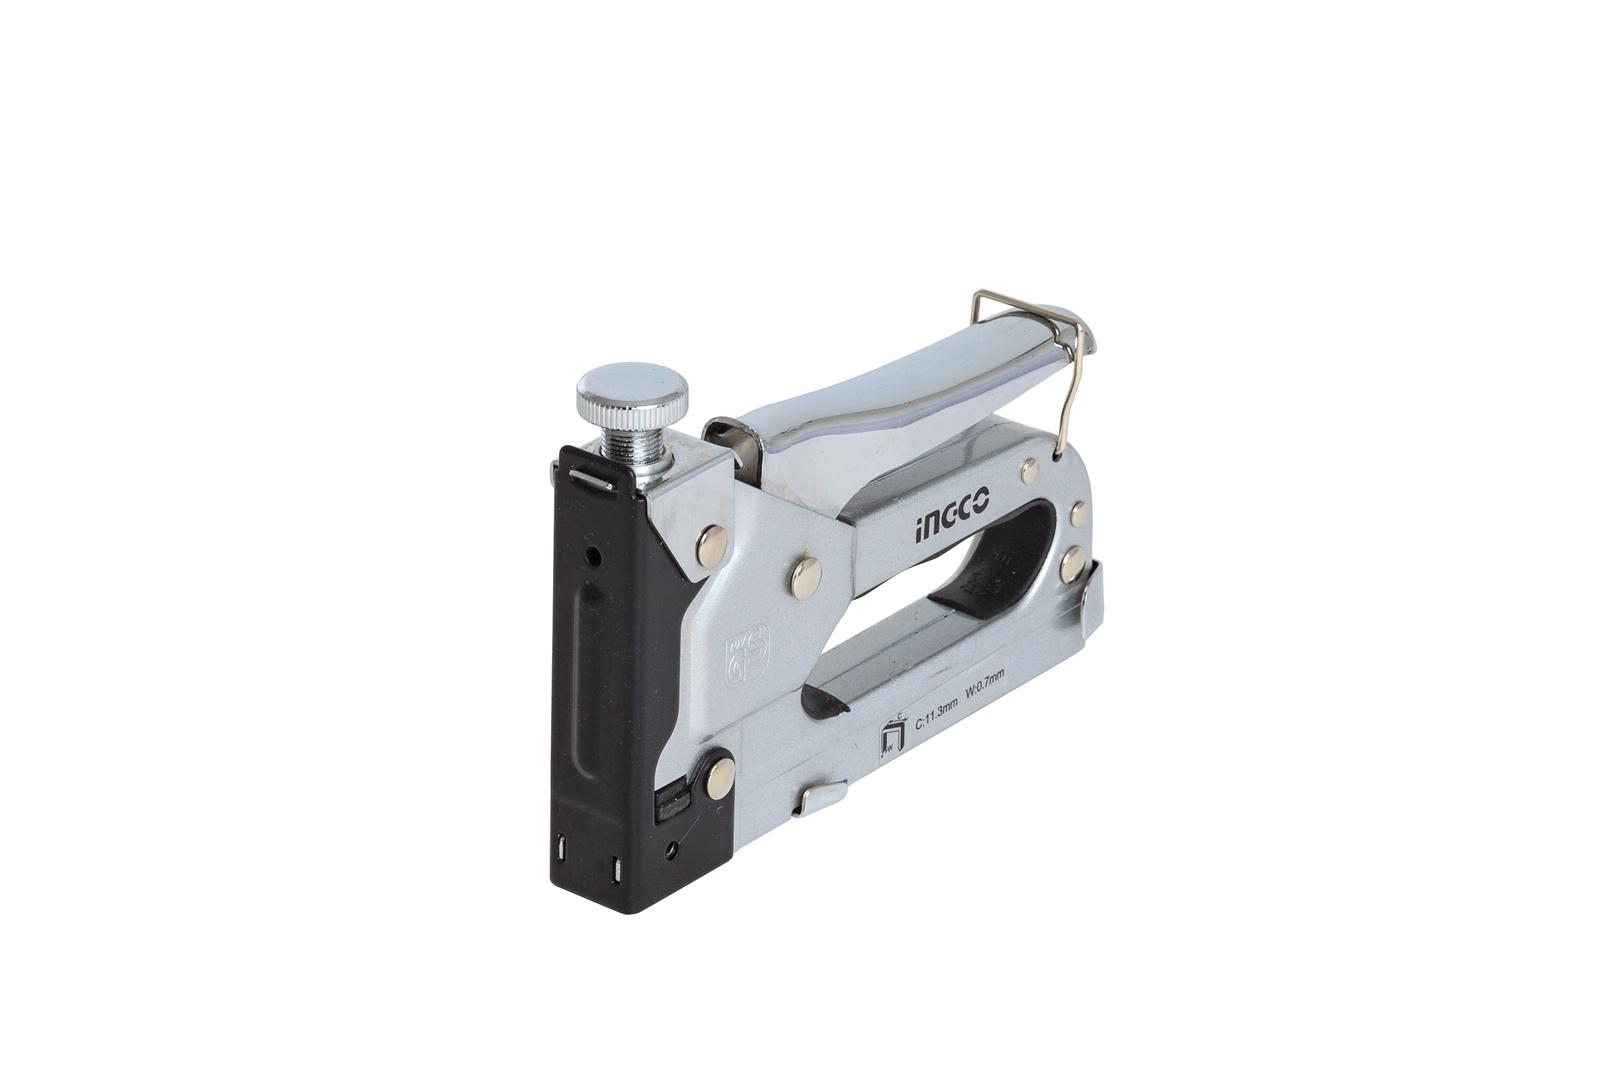 Степлер строительный INGCO HSG1403 INDUSTRIAL, 4-14мм, Cr-V